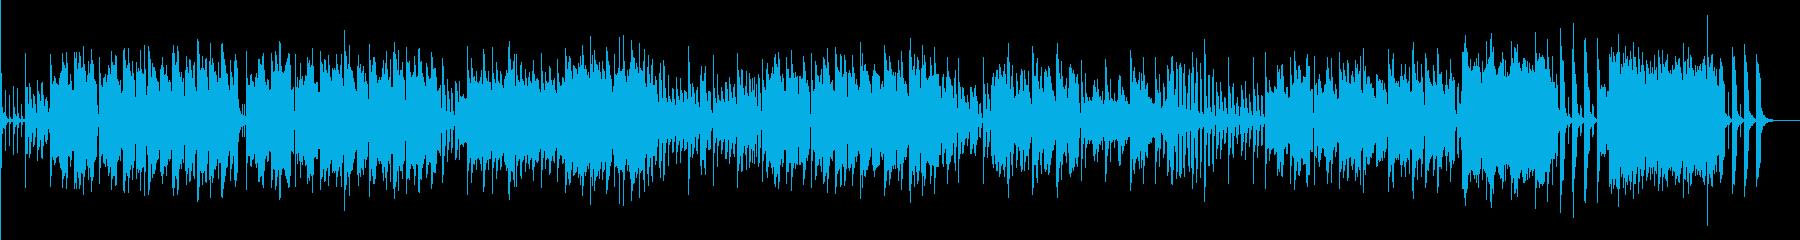 昔サーカス来村を知らせたジンタの調べの再生済みの波形